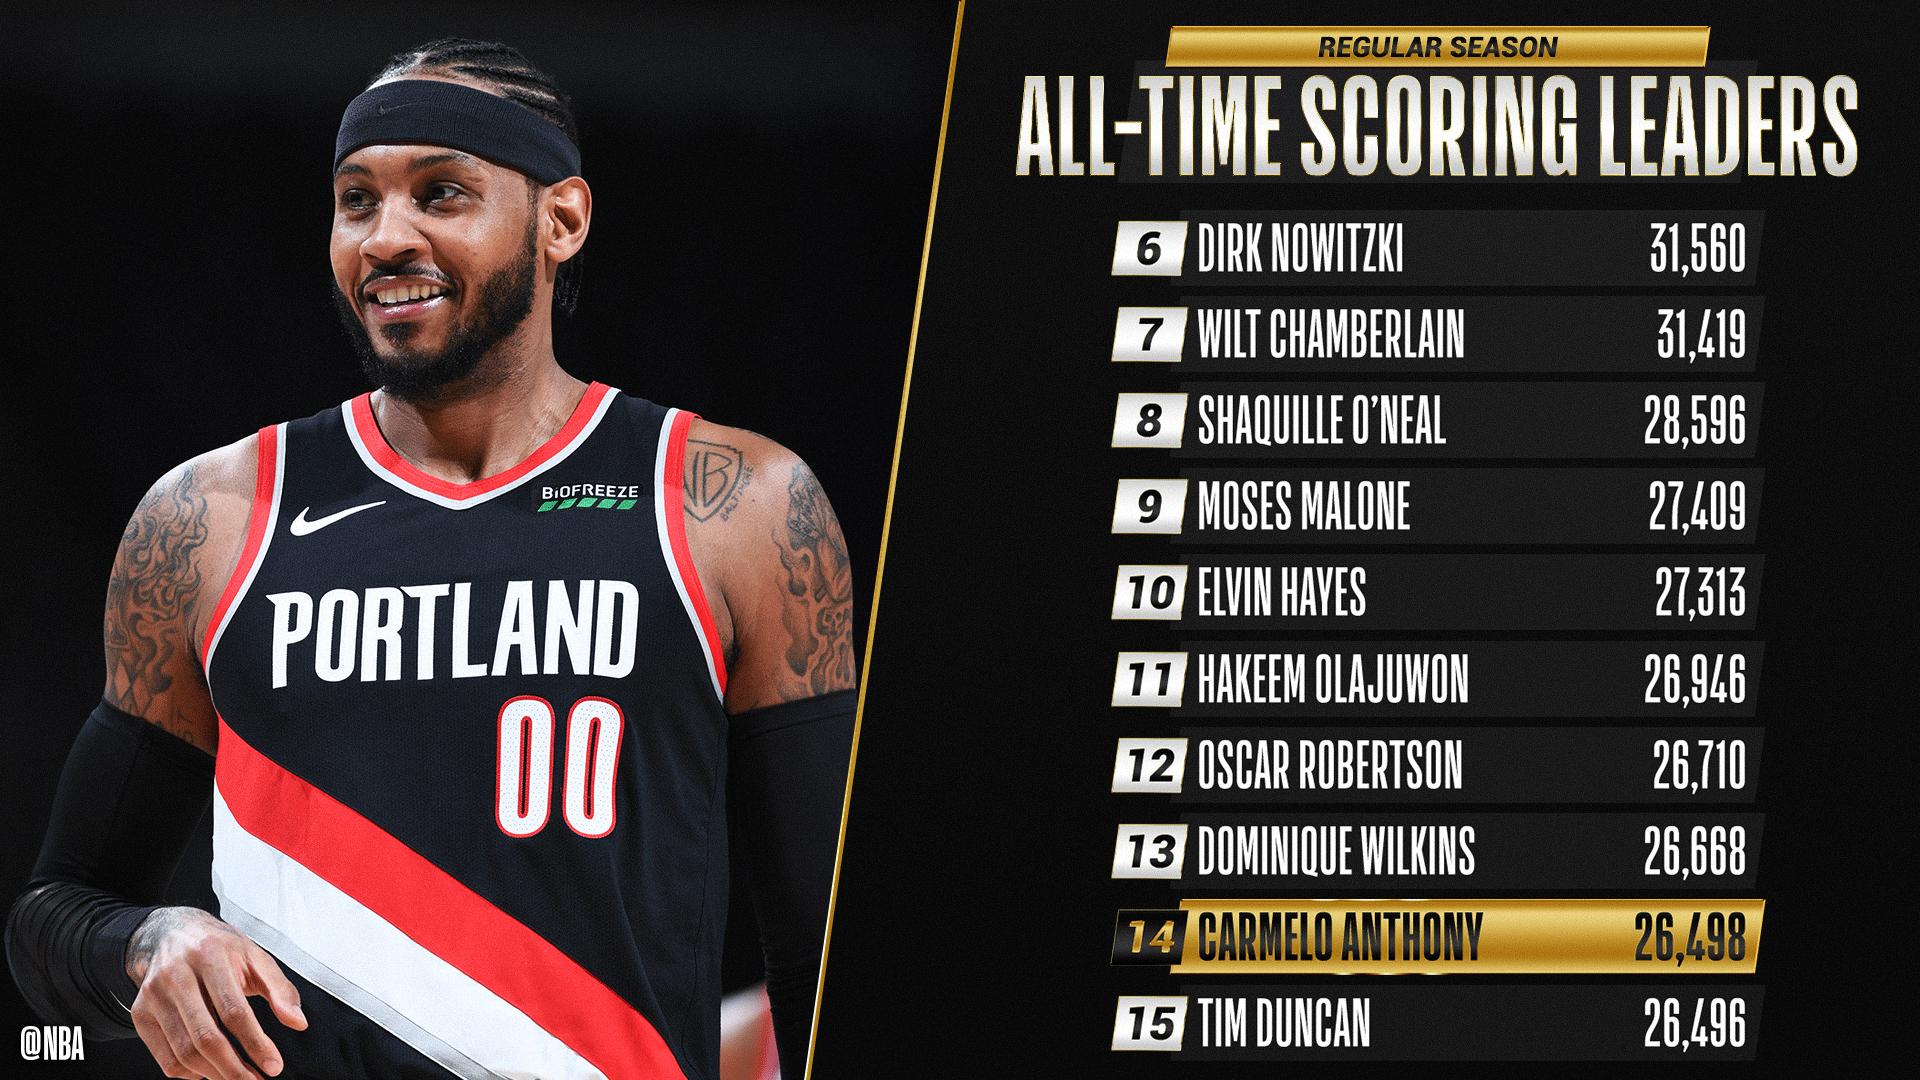 Кармело Энтони вышел на 14-е место в истории НБА по набранным очкам